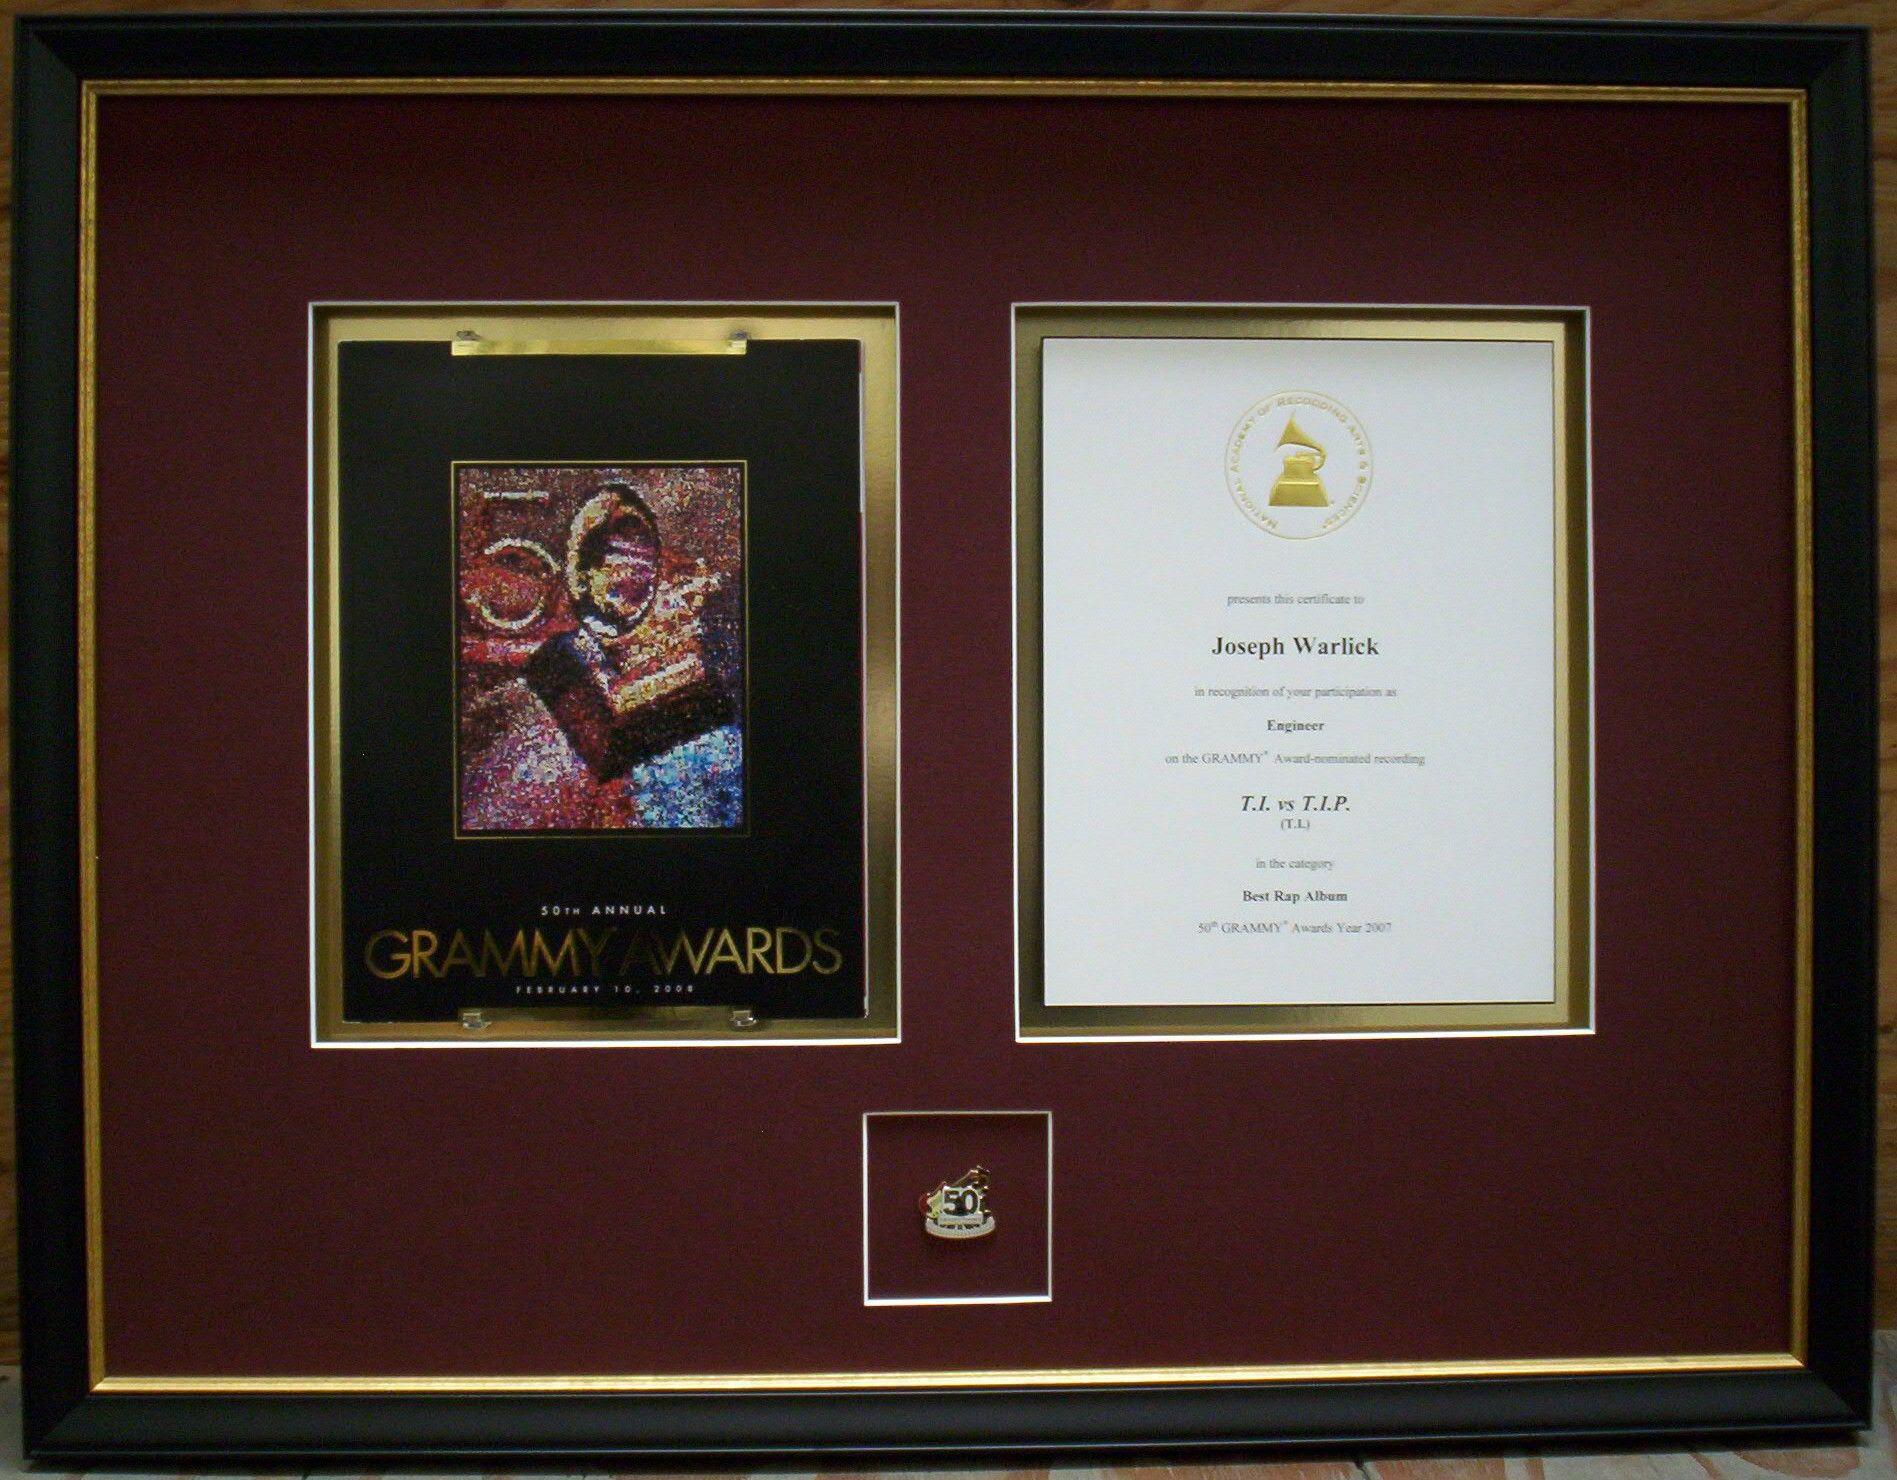 Fantastisch Grammy Bilderrahmen Bilder - Bilderrahmen Ideen - szurop ...